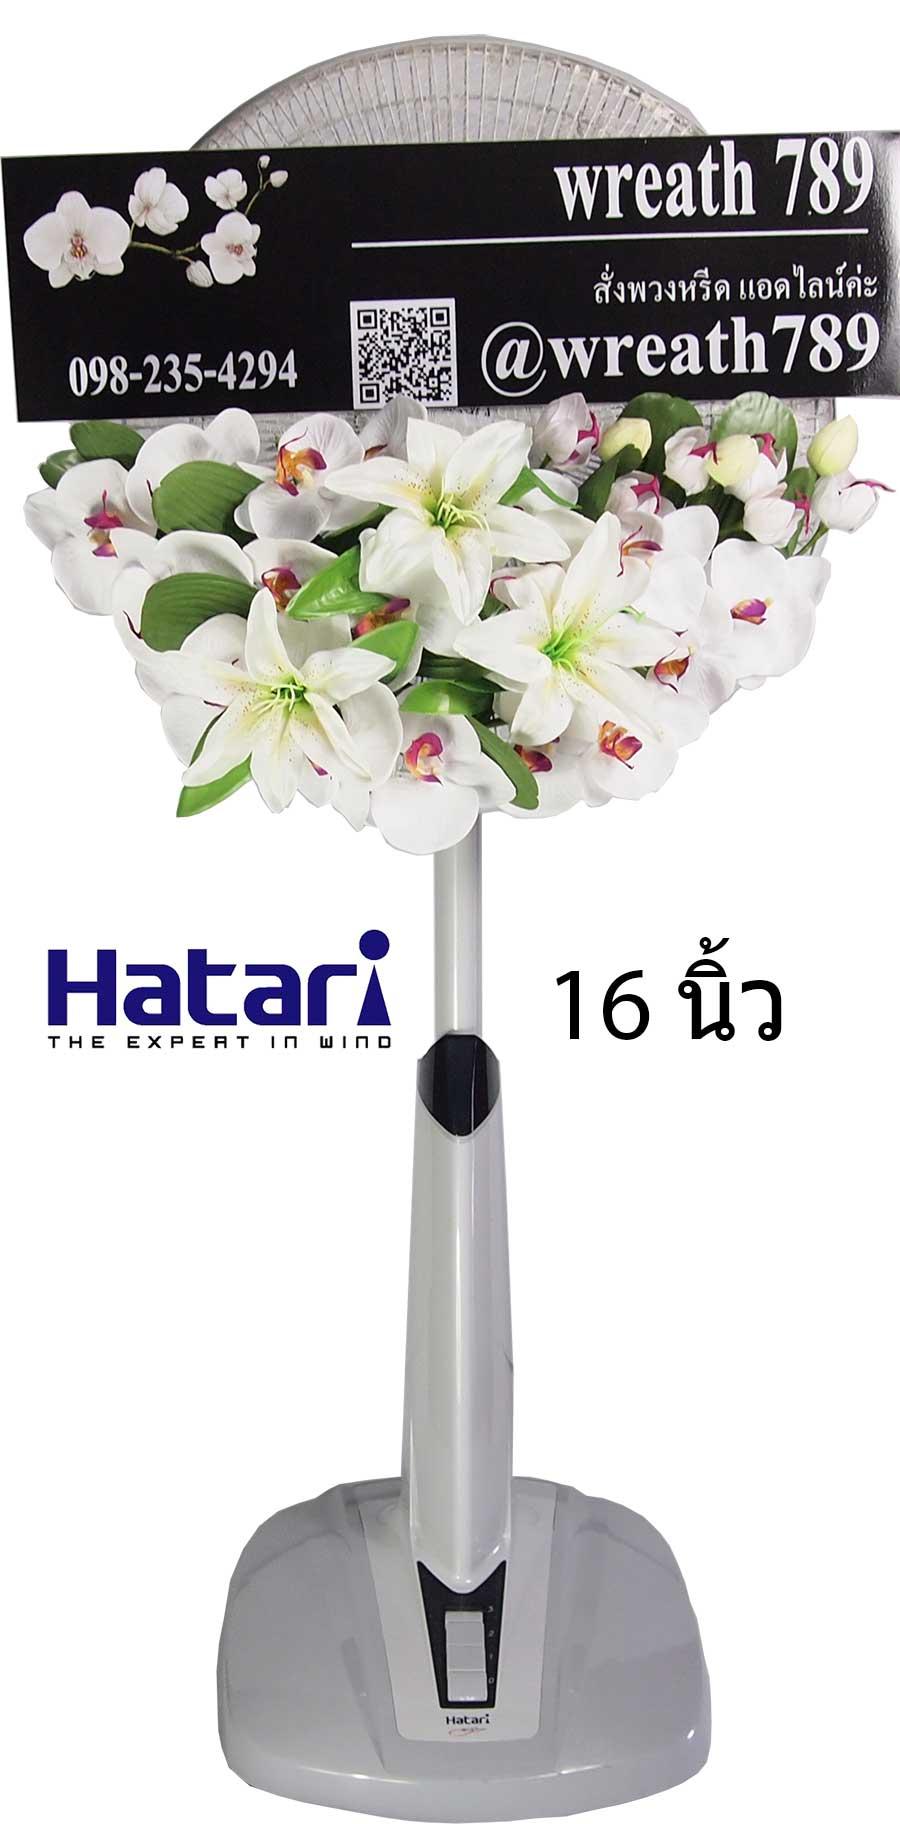 พวงหรีดพัดลม แบบที่ B33 พัดลมสีเทา Hatari ขนาด 16 นิ้ว